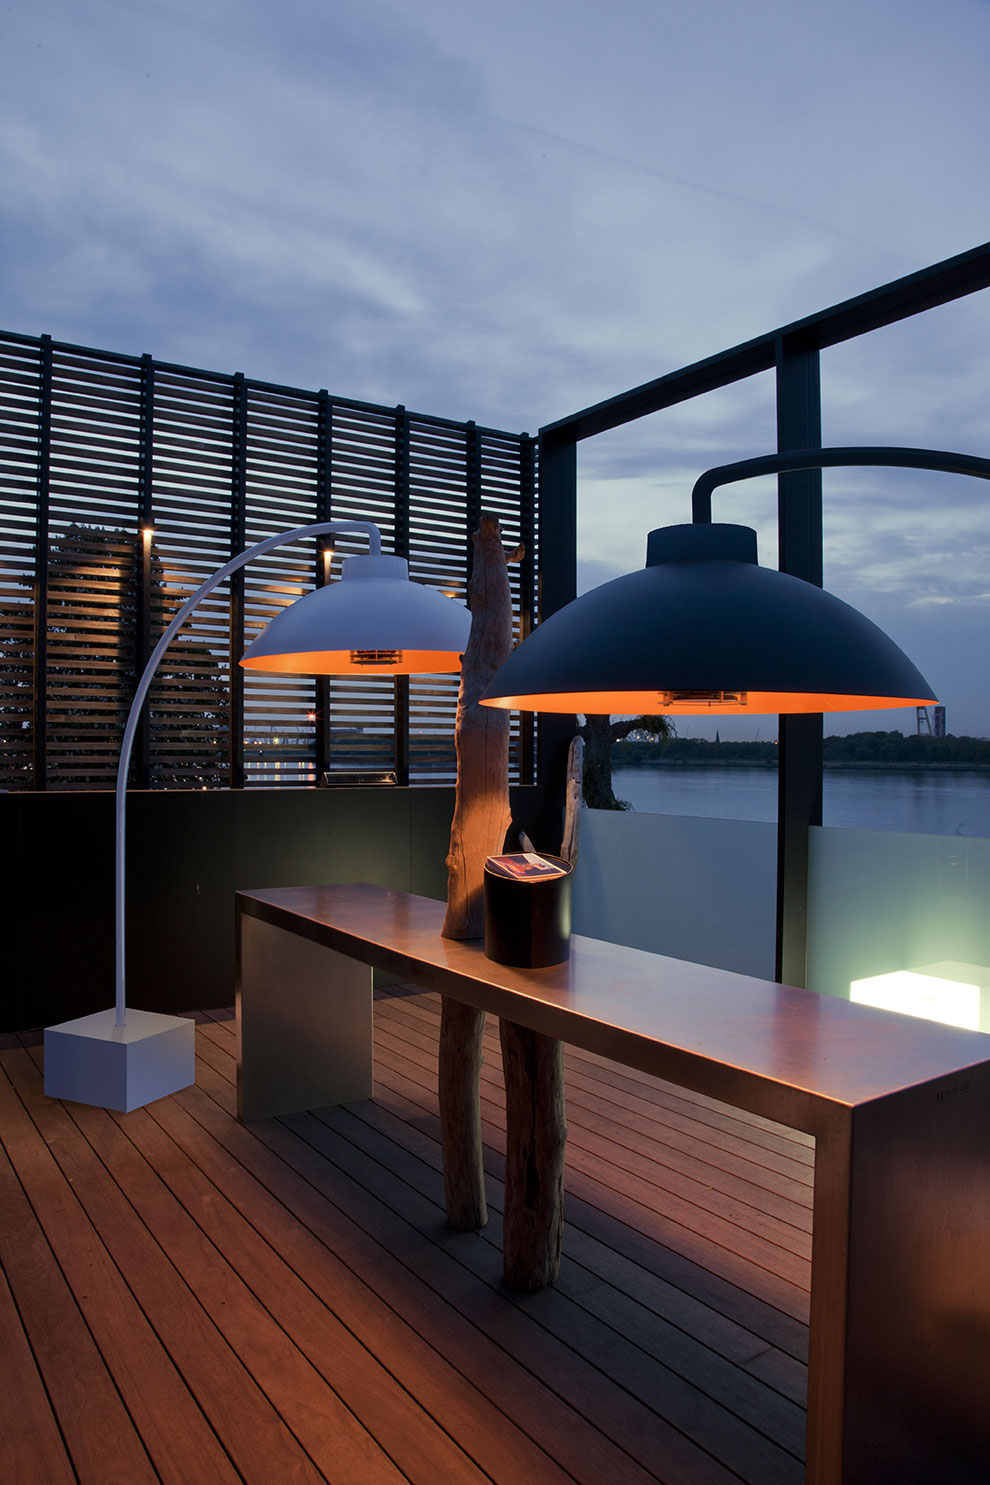 Eclairage design extérieur by Heatsail